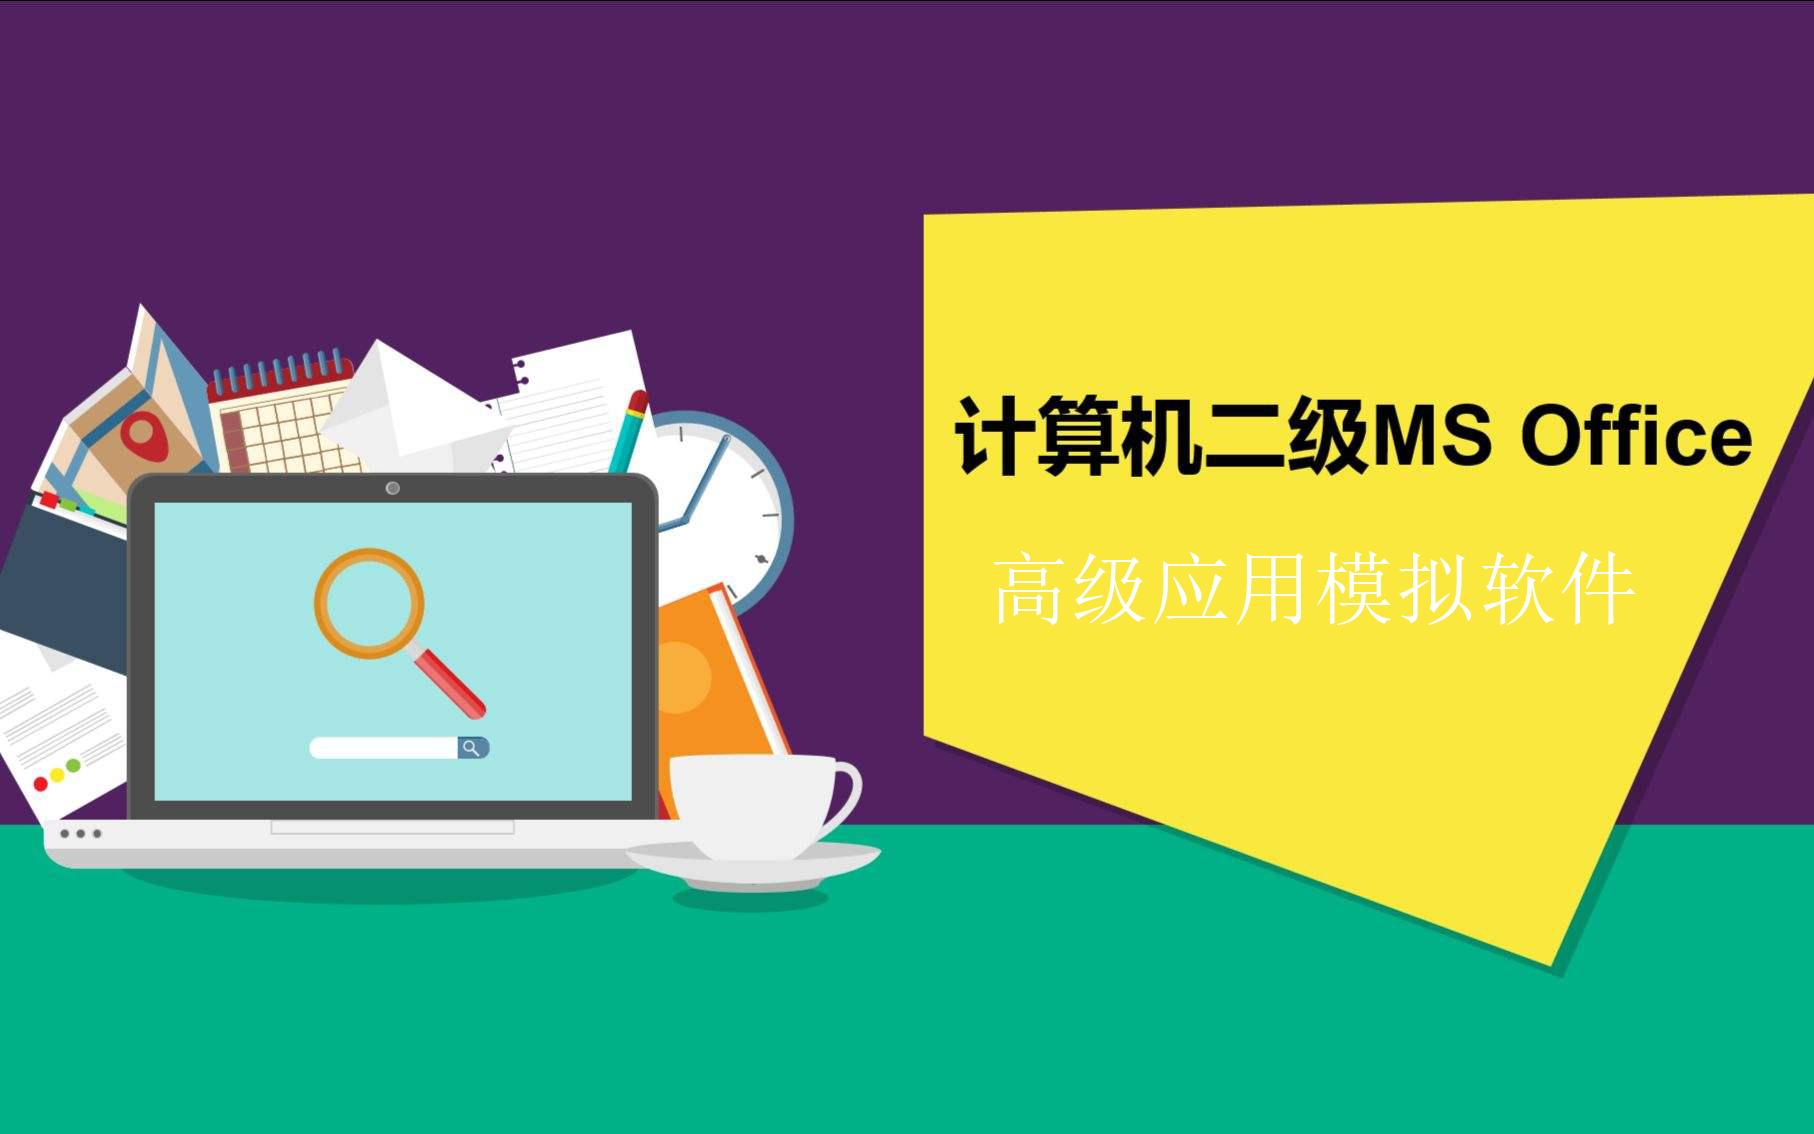 超级空投  二级MS Office高级应用模拟软件